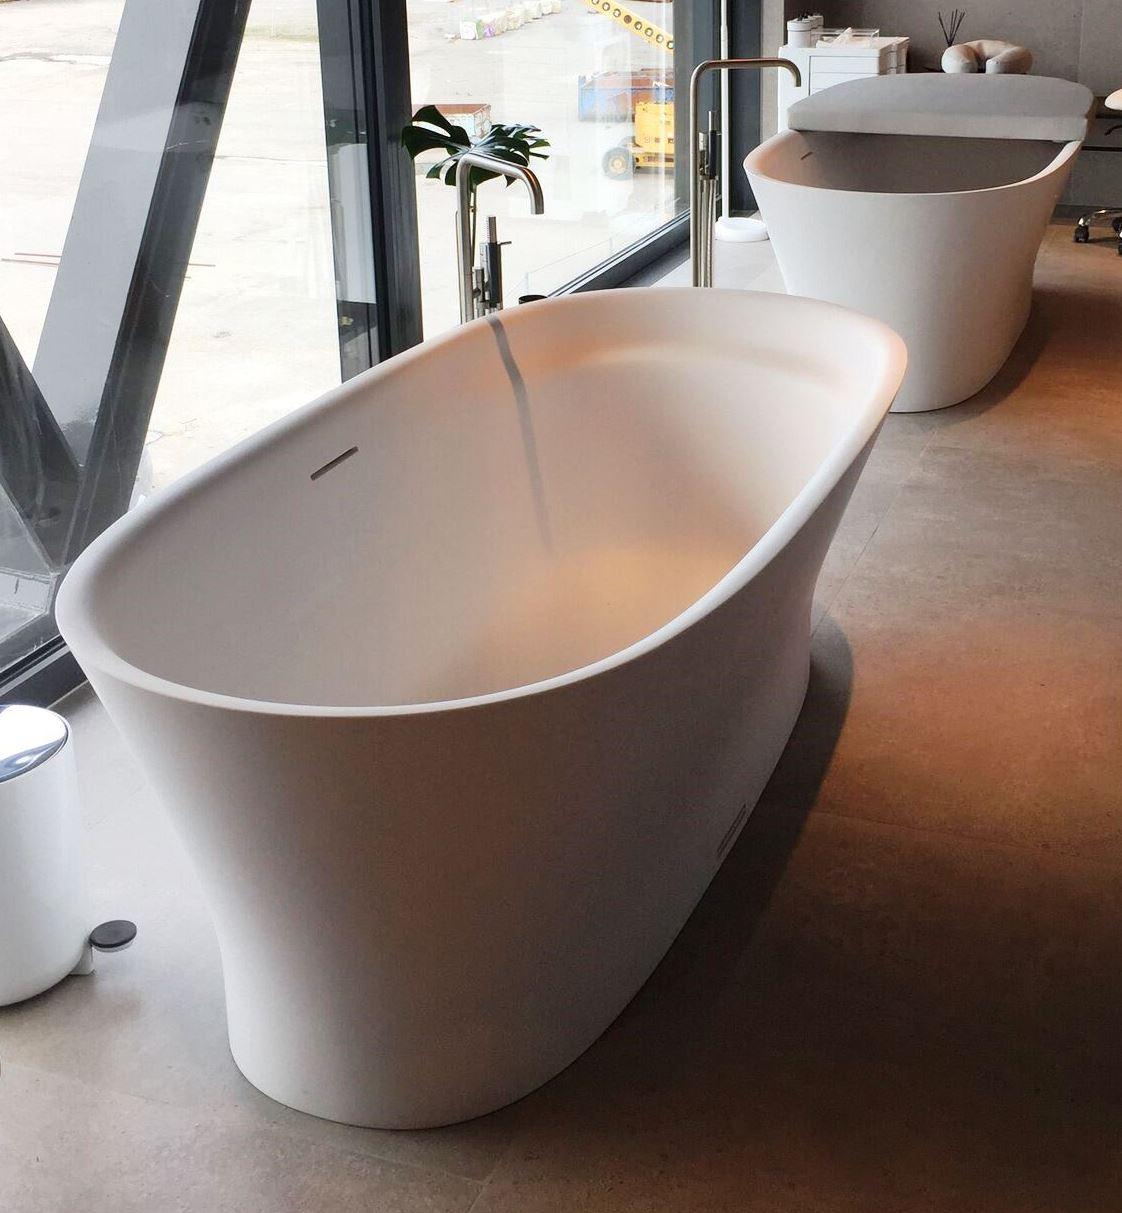 duravit badekar Udstillingsmodeller badekar   Bedre Bad Albertslund duravit badekar